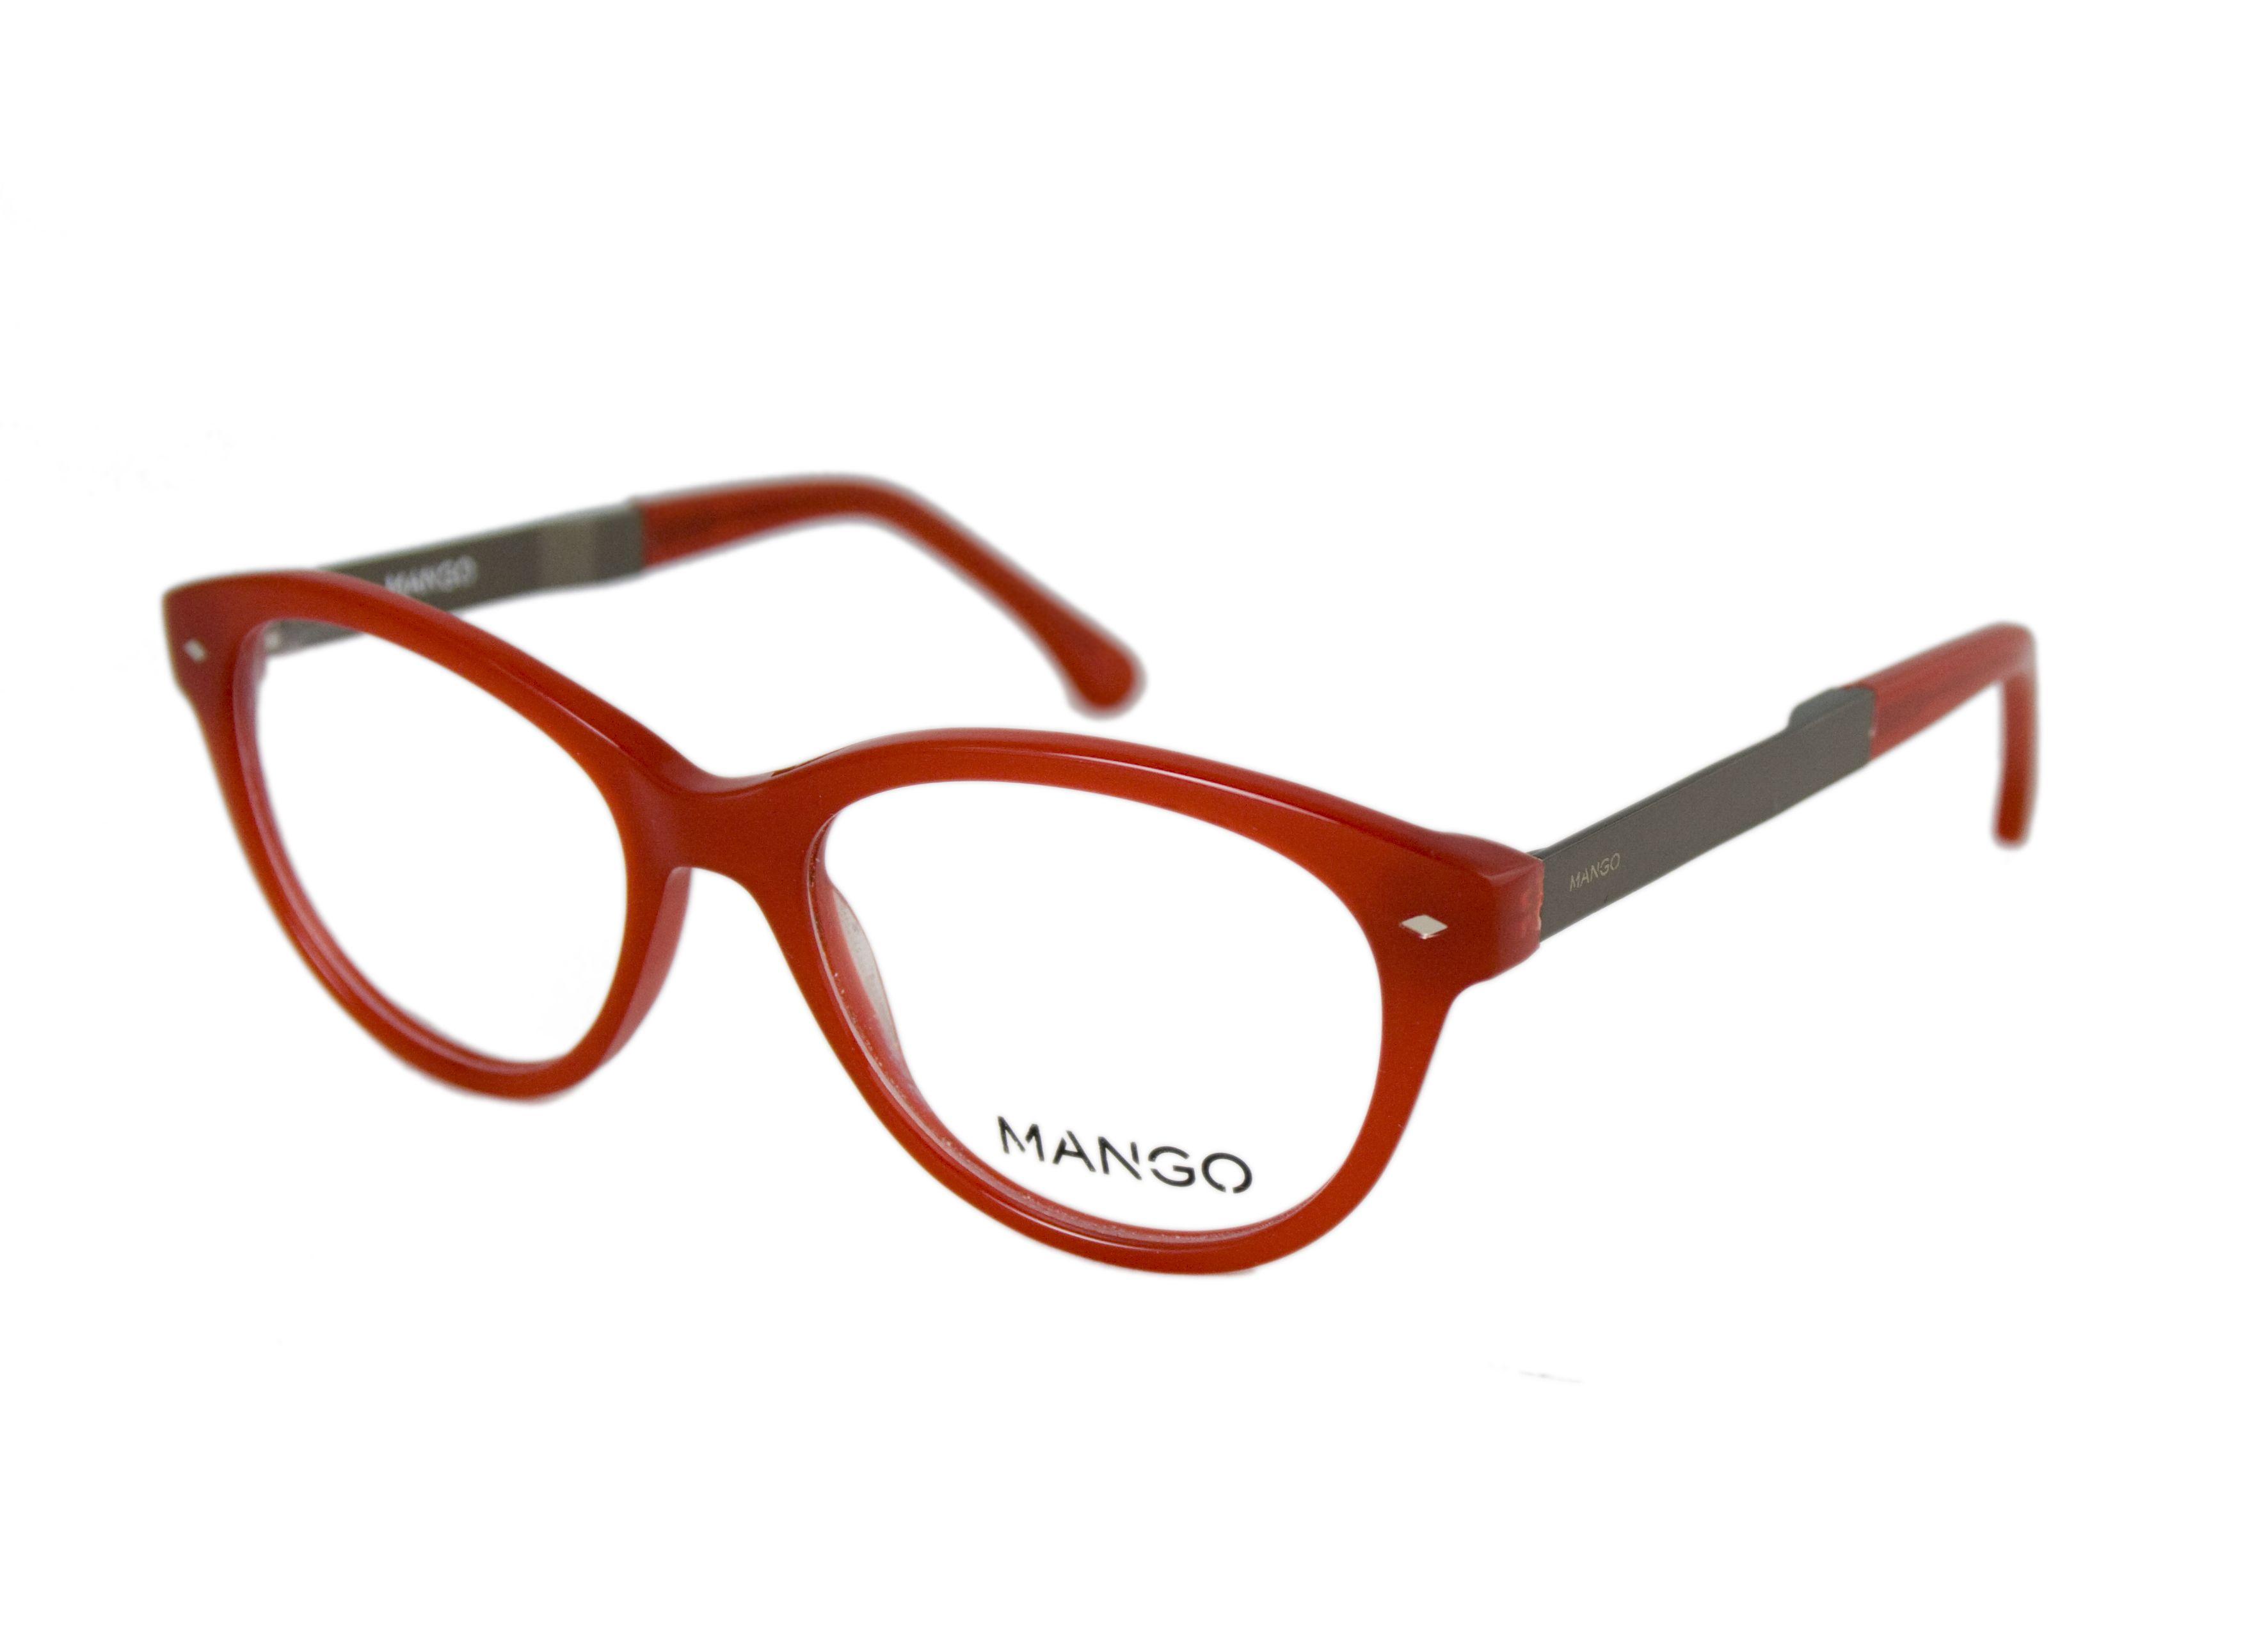 4cb3ea6190ff3 Oculos  Mango by  Opticalia  Rossio  Lisboa   Colecção Mango by ...